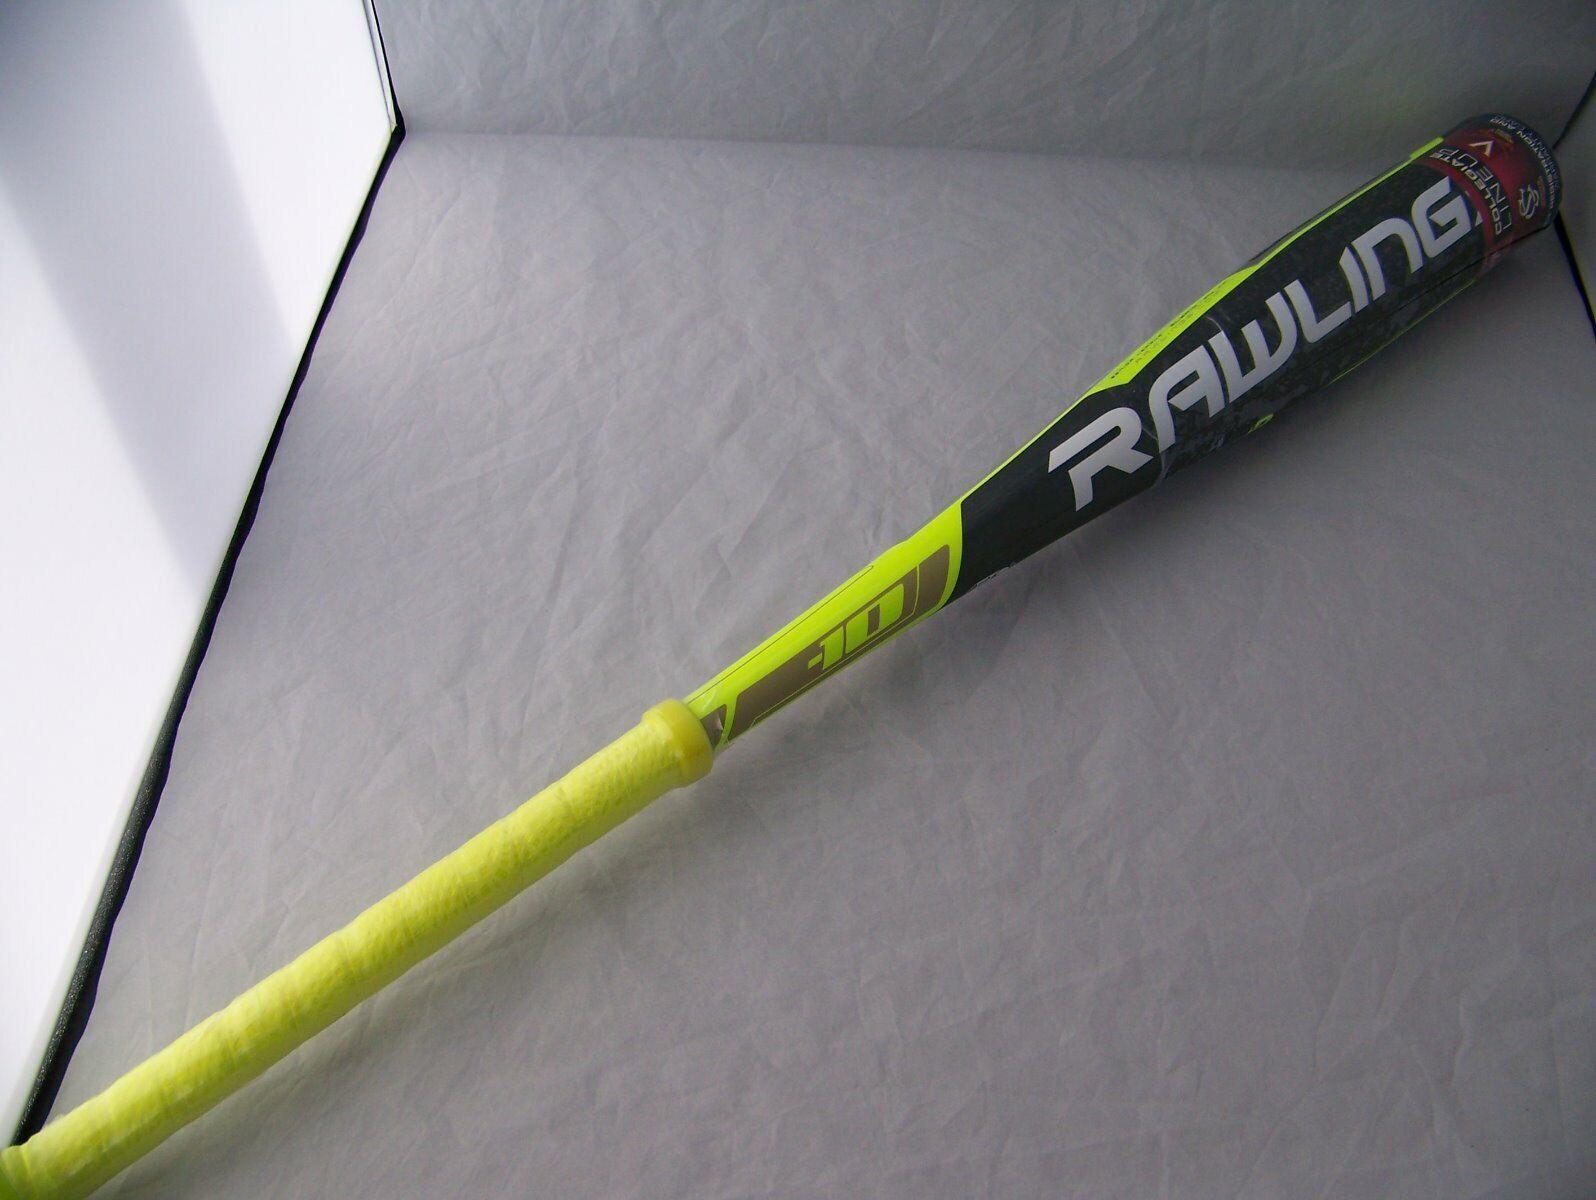 Nuevo Rawlings 5150 30  20 OZ. -10 Aleación usssa bate de béisbol Slsr 10 1.15 BPF